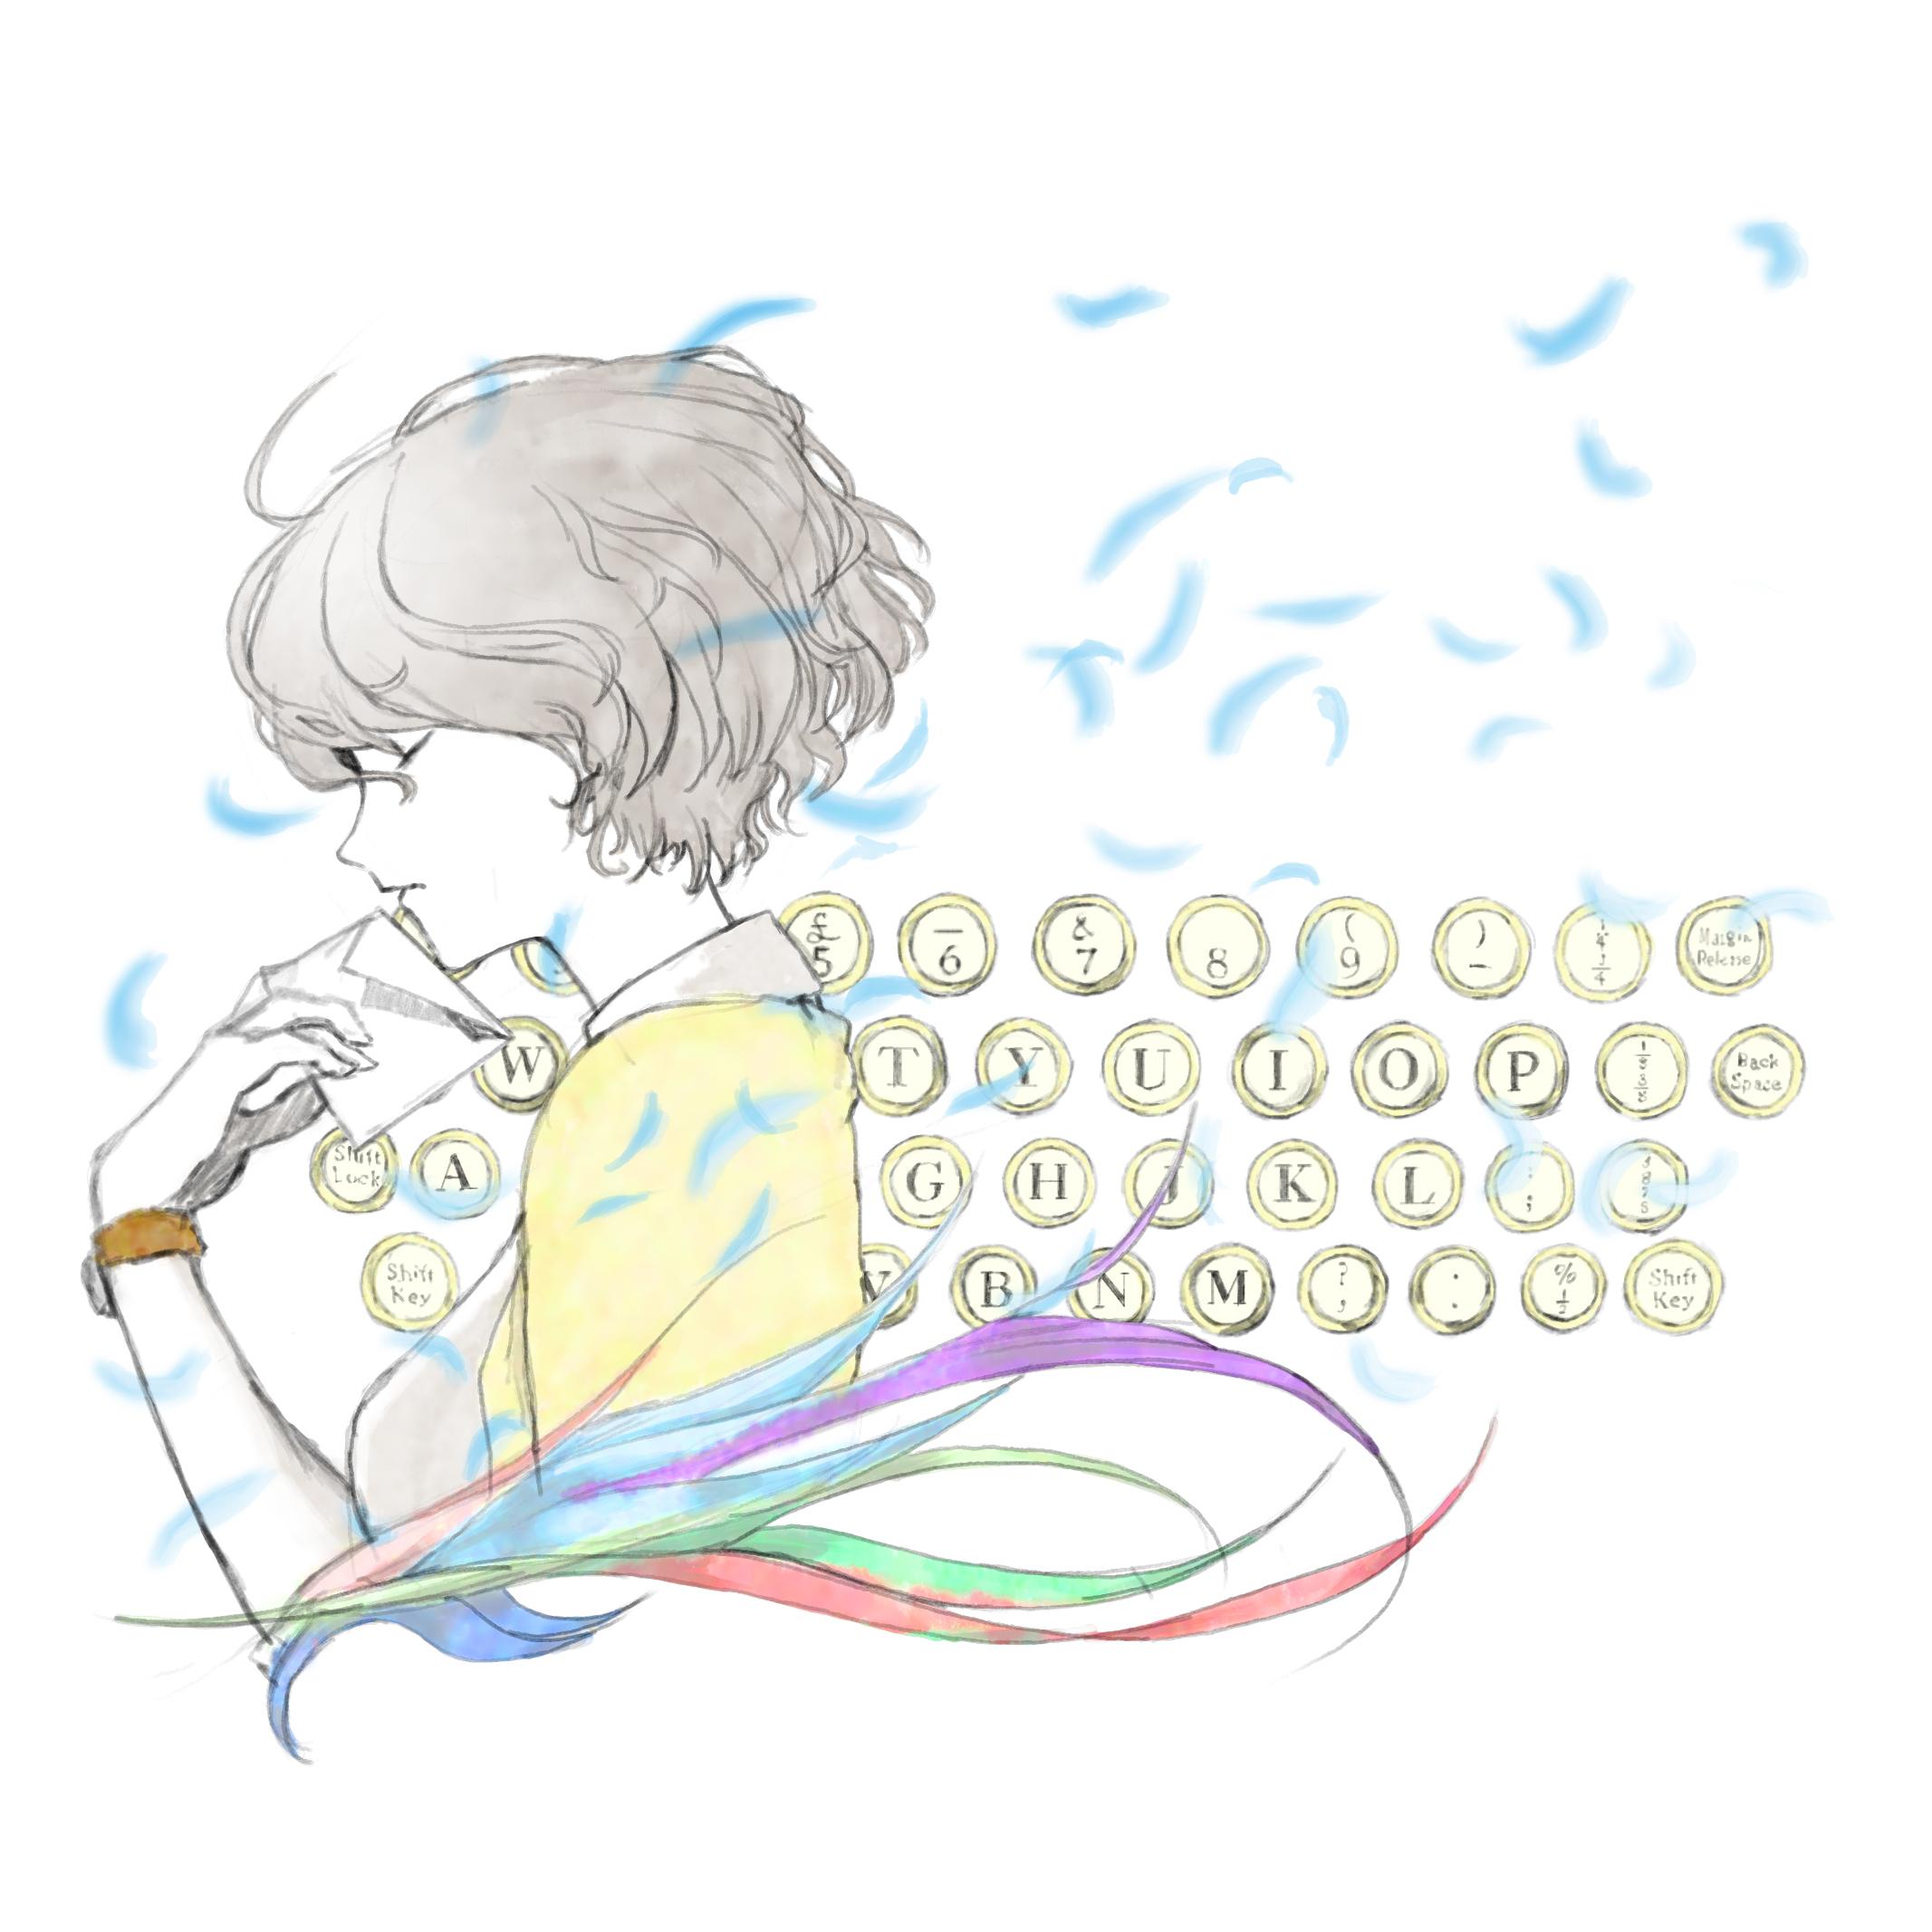 メール_イラスト